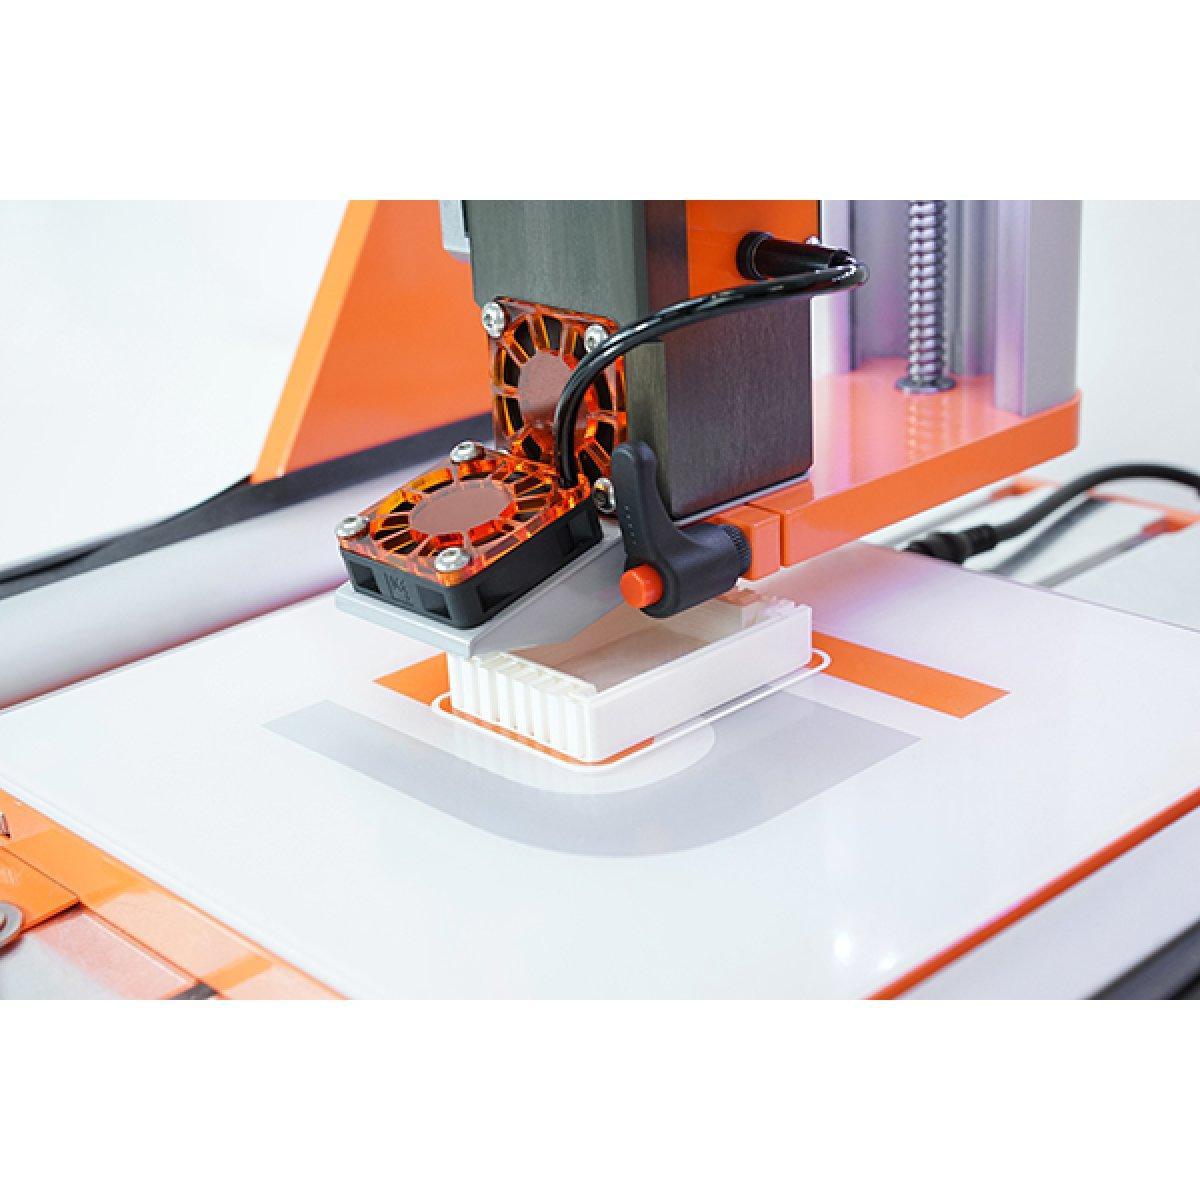 Stepcraft D-Series 10 StepCraft CNC Systems- CNCshop.gr Stepcraft Greece